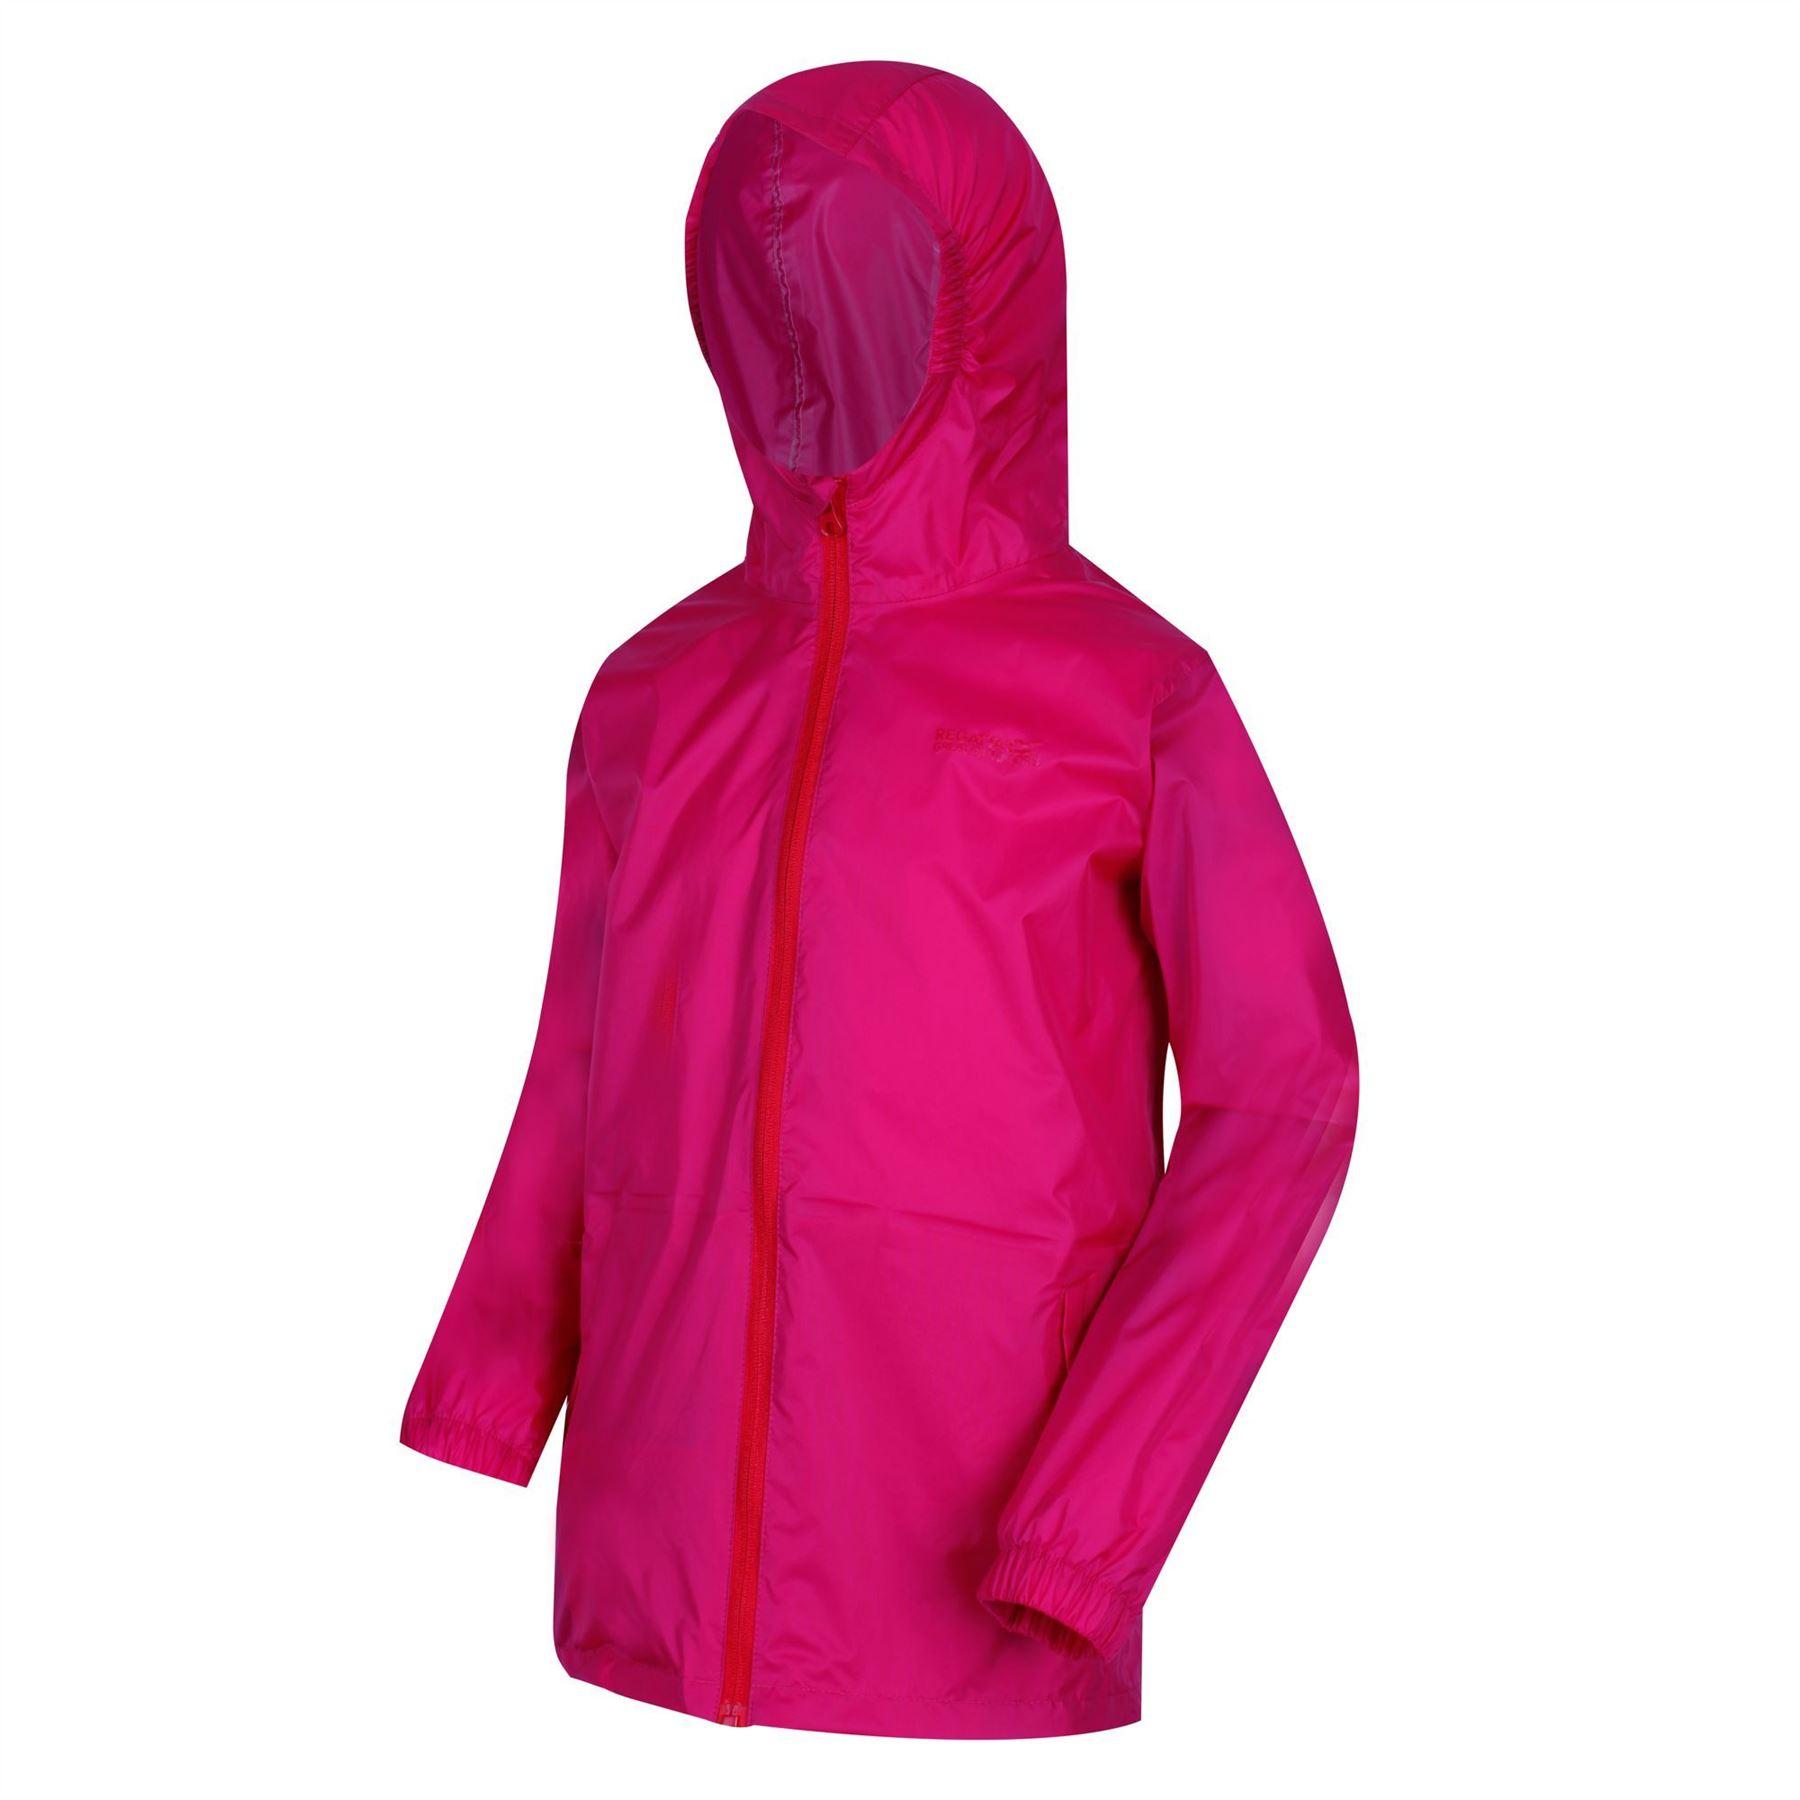 miniatuur 14 - Regatta Kids Pack it Jacket II Lightweight Waterproof Packaway Jacket Boys Girls